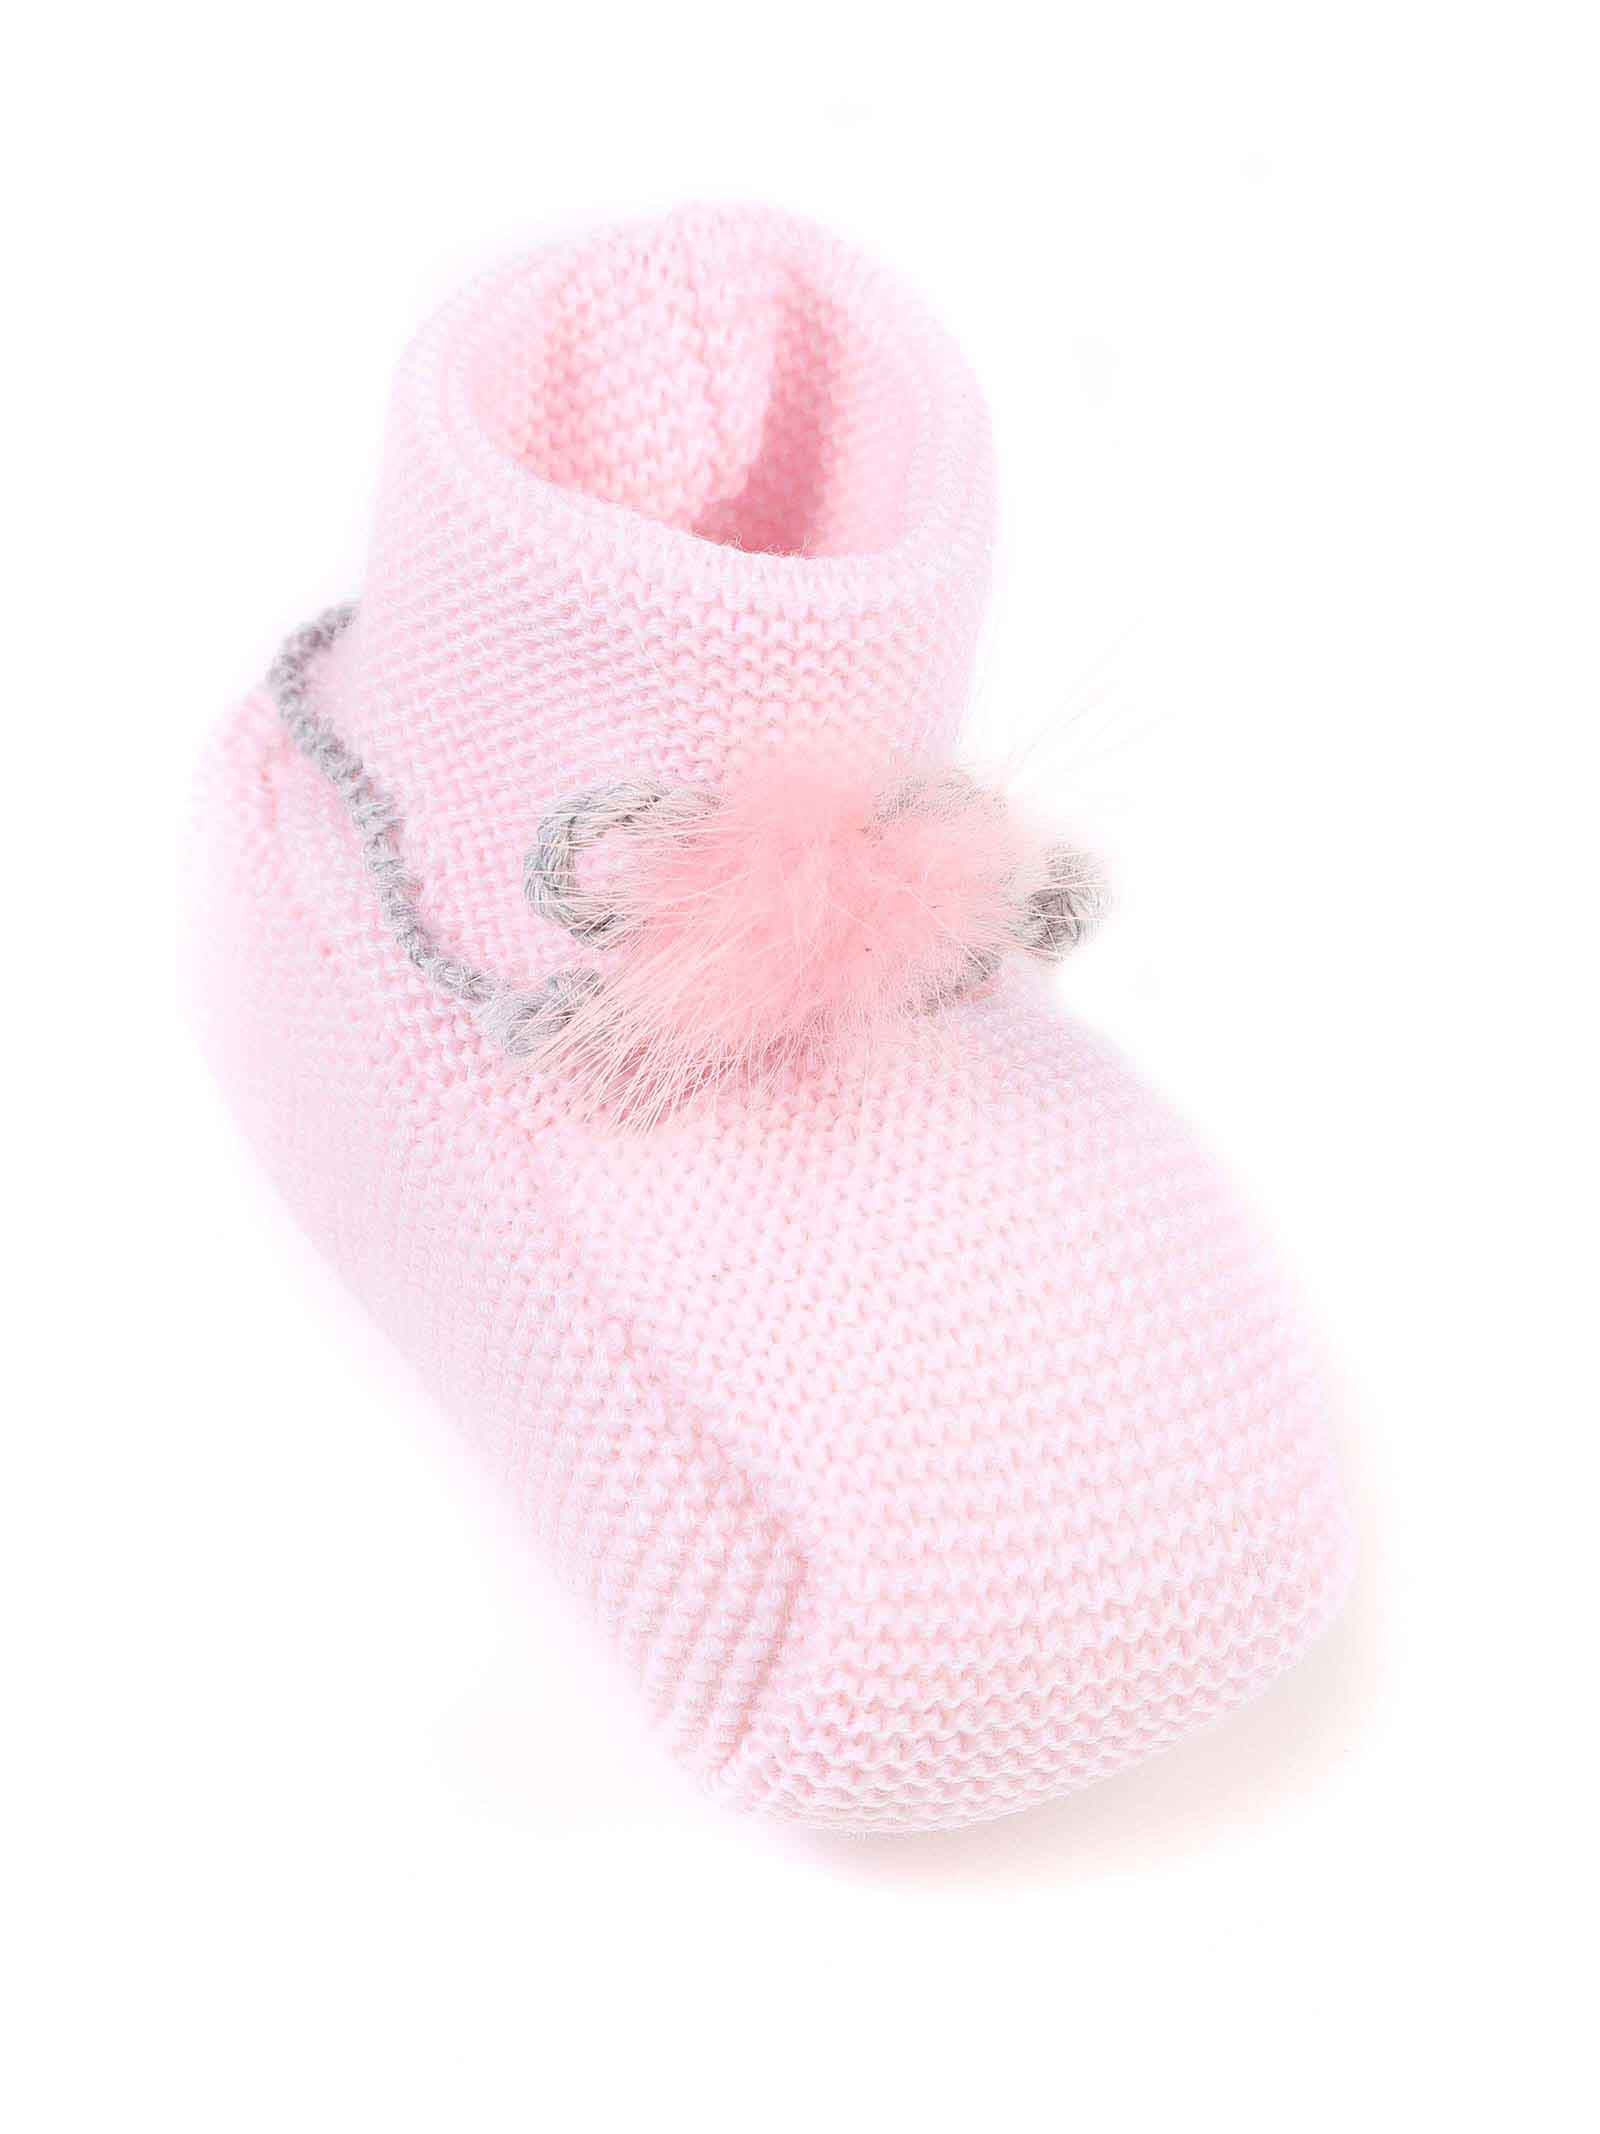 scarpina baby rosa cn bordo grigio MARLU | Scarpina | IP14SC311